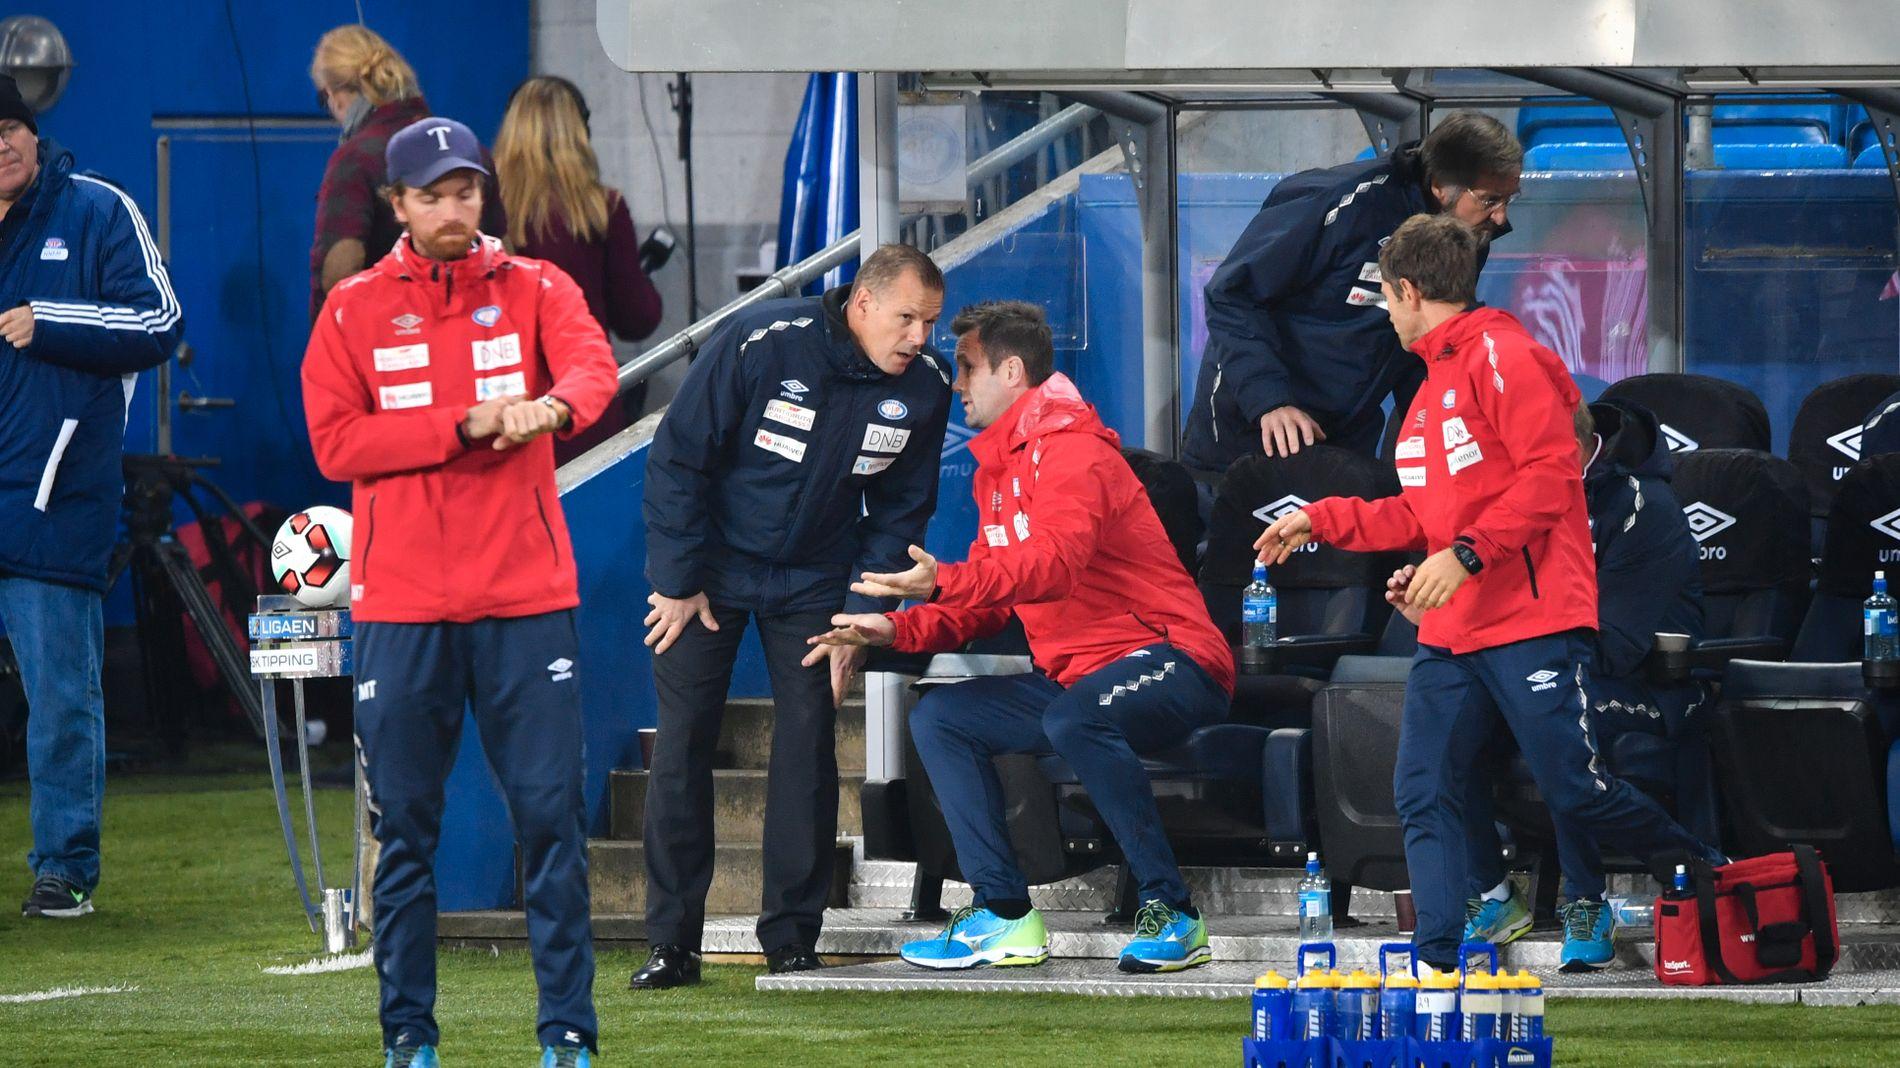 SCENESKIFTE: Kjetil Rekdal og Ronny Deila diskuterer underveis i 1-1-kampen mot Stabæk den 16. oktober. I 2017 er Ronny Deila hovedtrener, mens Kjetil Rekdal blir klubbens sportsdirektør.